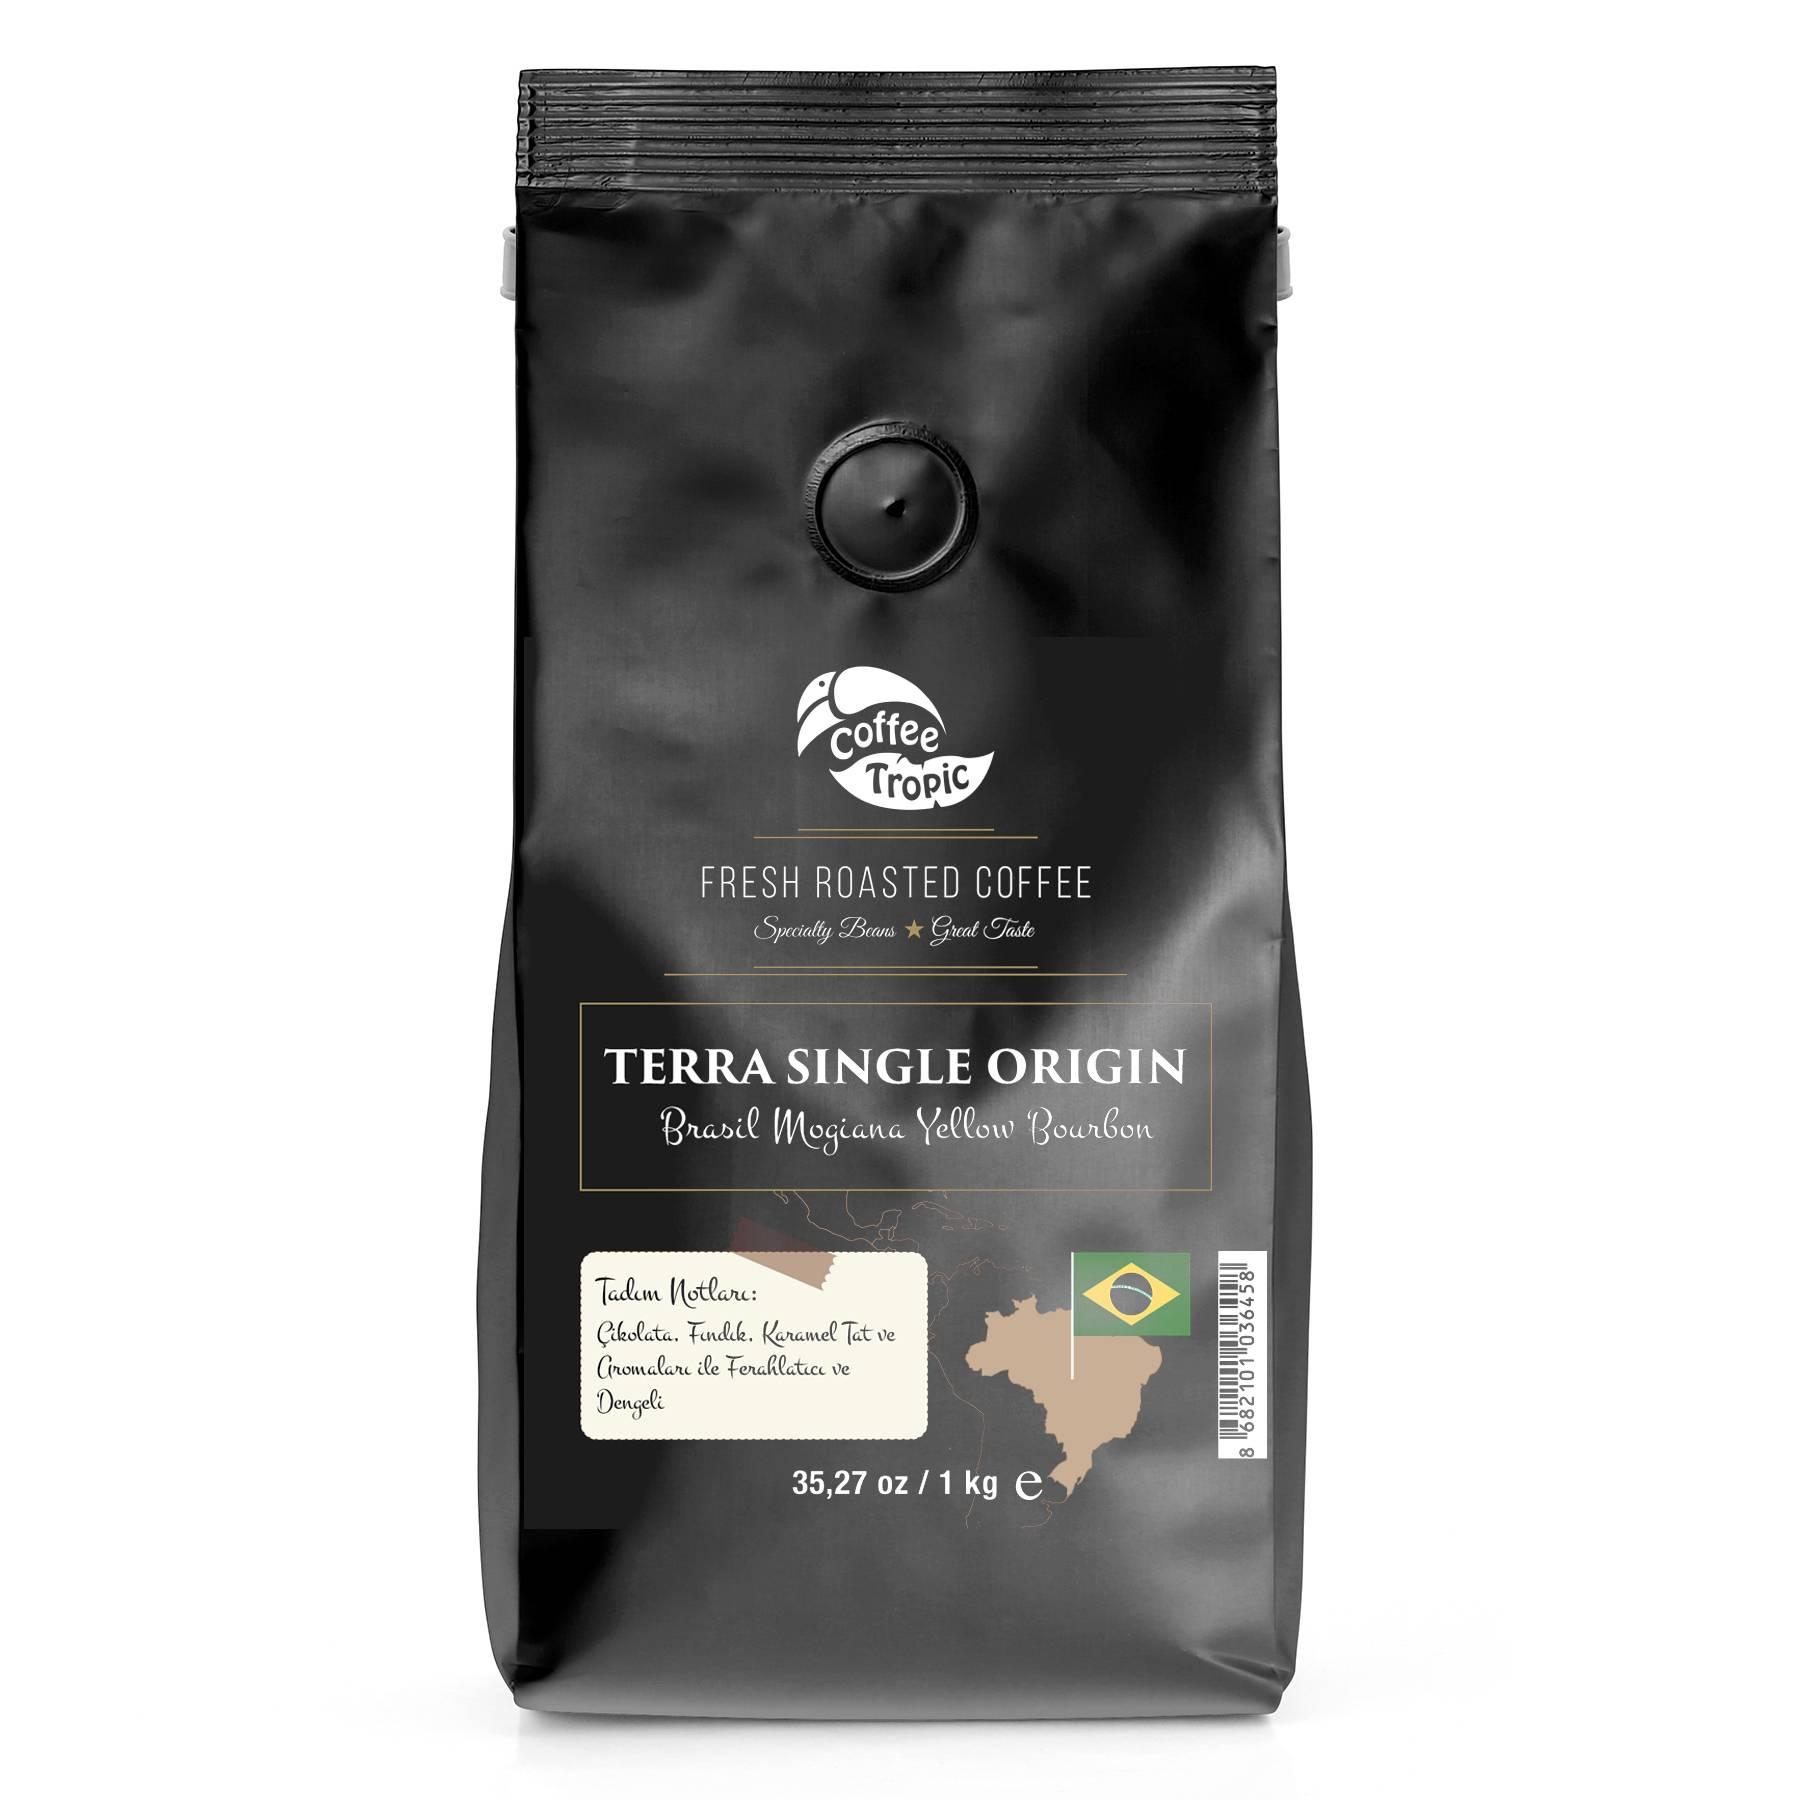 Где растет кофе: страны производители кофе в мире, полный список